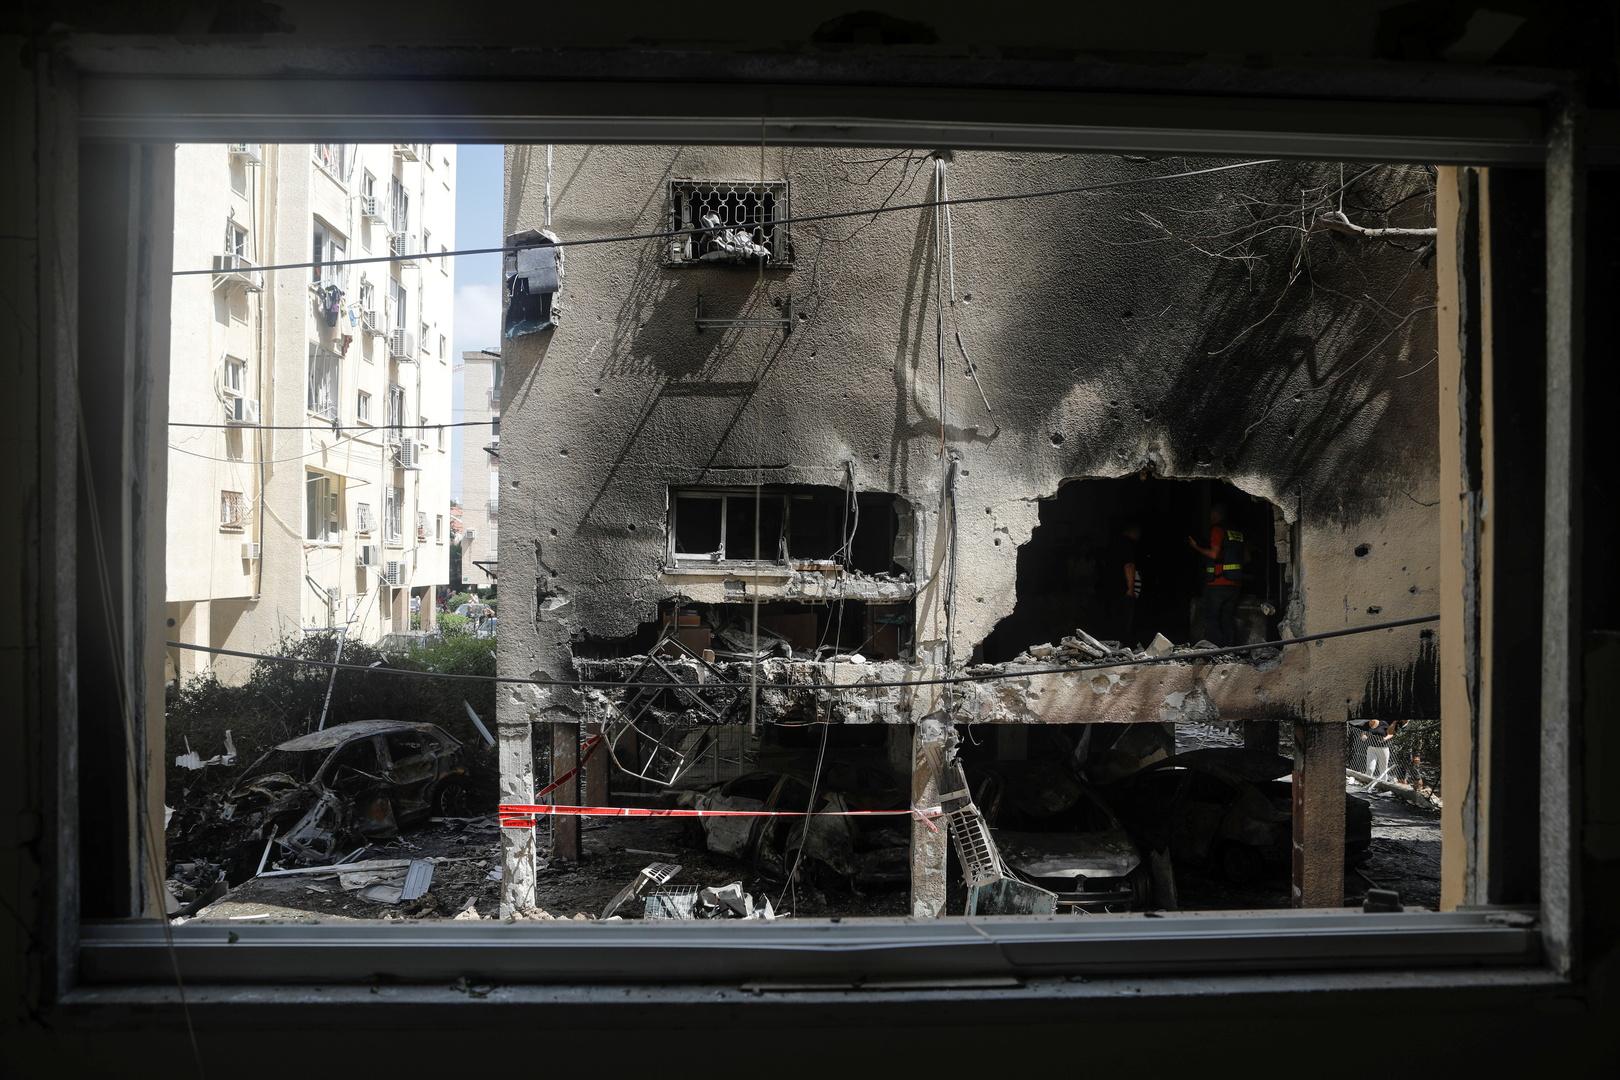 الكرملين: الأهم هو أن يدرك الفلسطينيون والإسرائيليون أن لا بديل عن التسوية السياسية